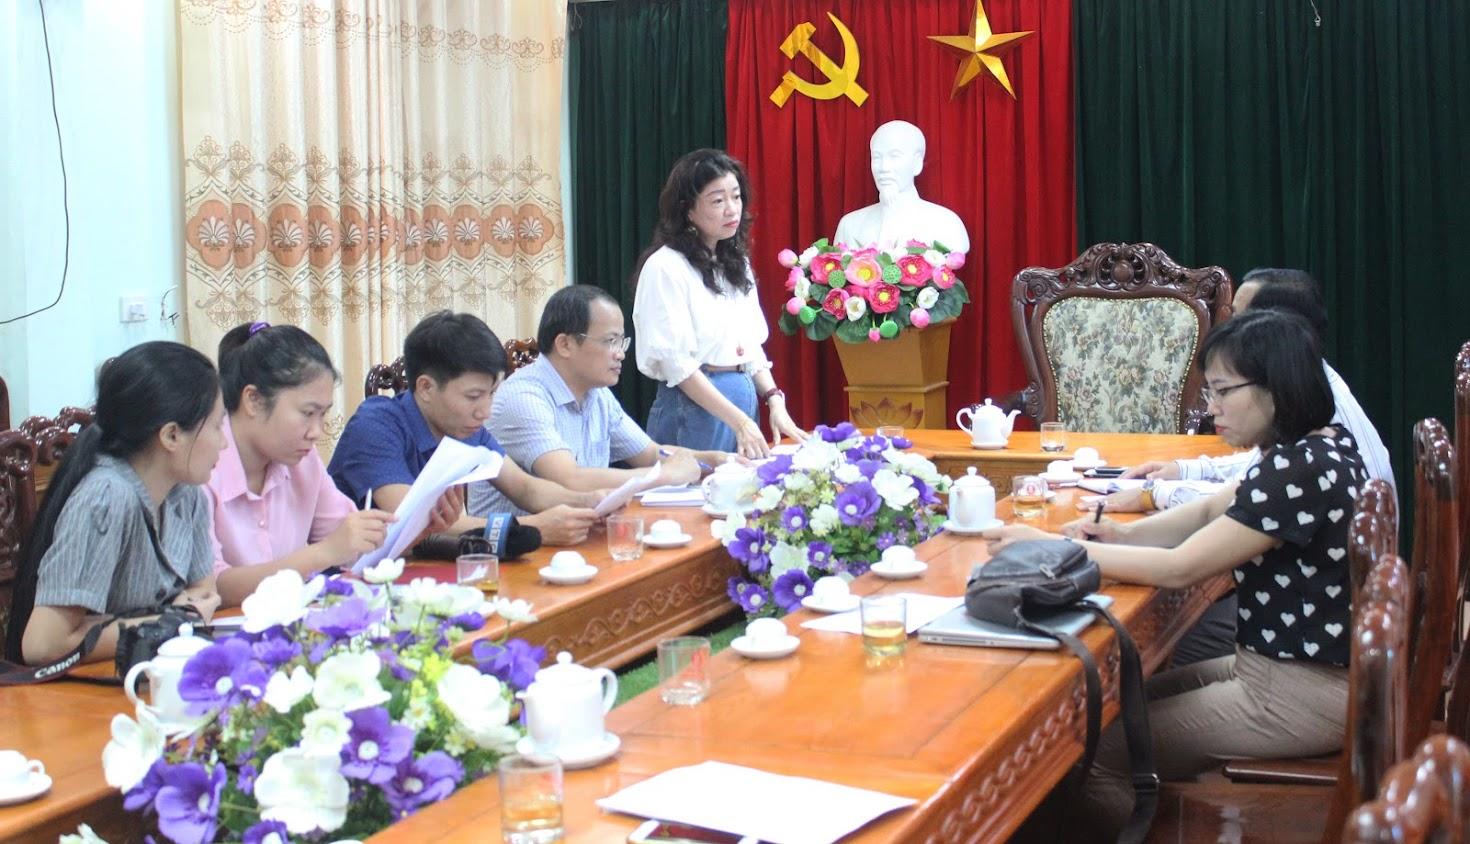 Đoàn công tác Ban Tuyên giáo Tỉnh ủy và phóng viên các cơ quan báo chí làm việc với Huyện ủy Quỳnh Lưu